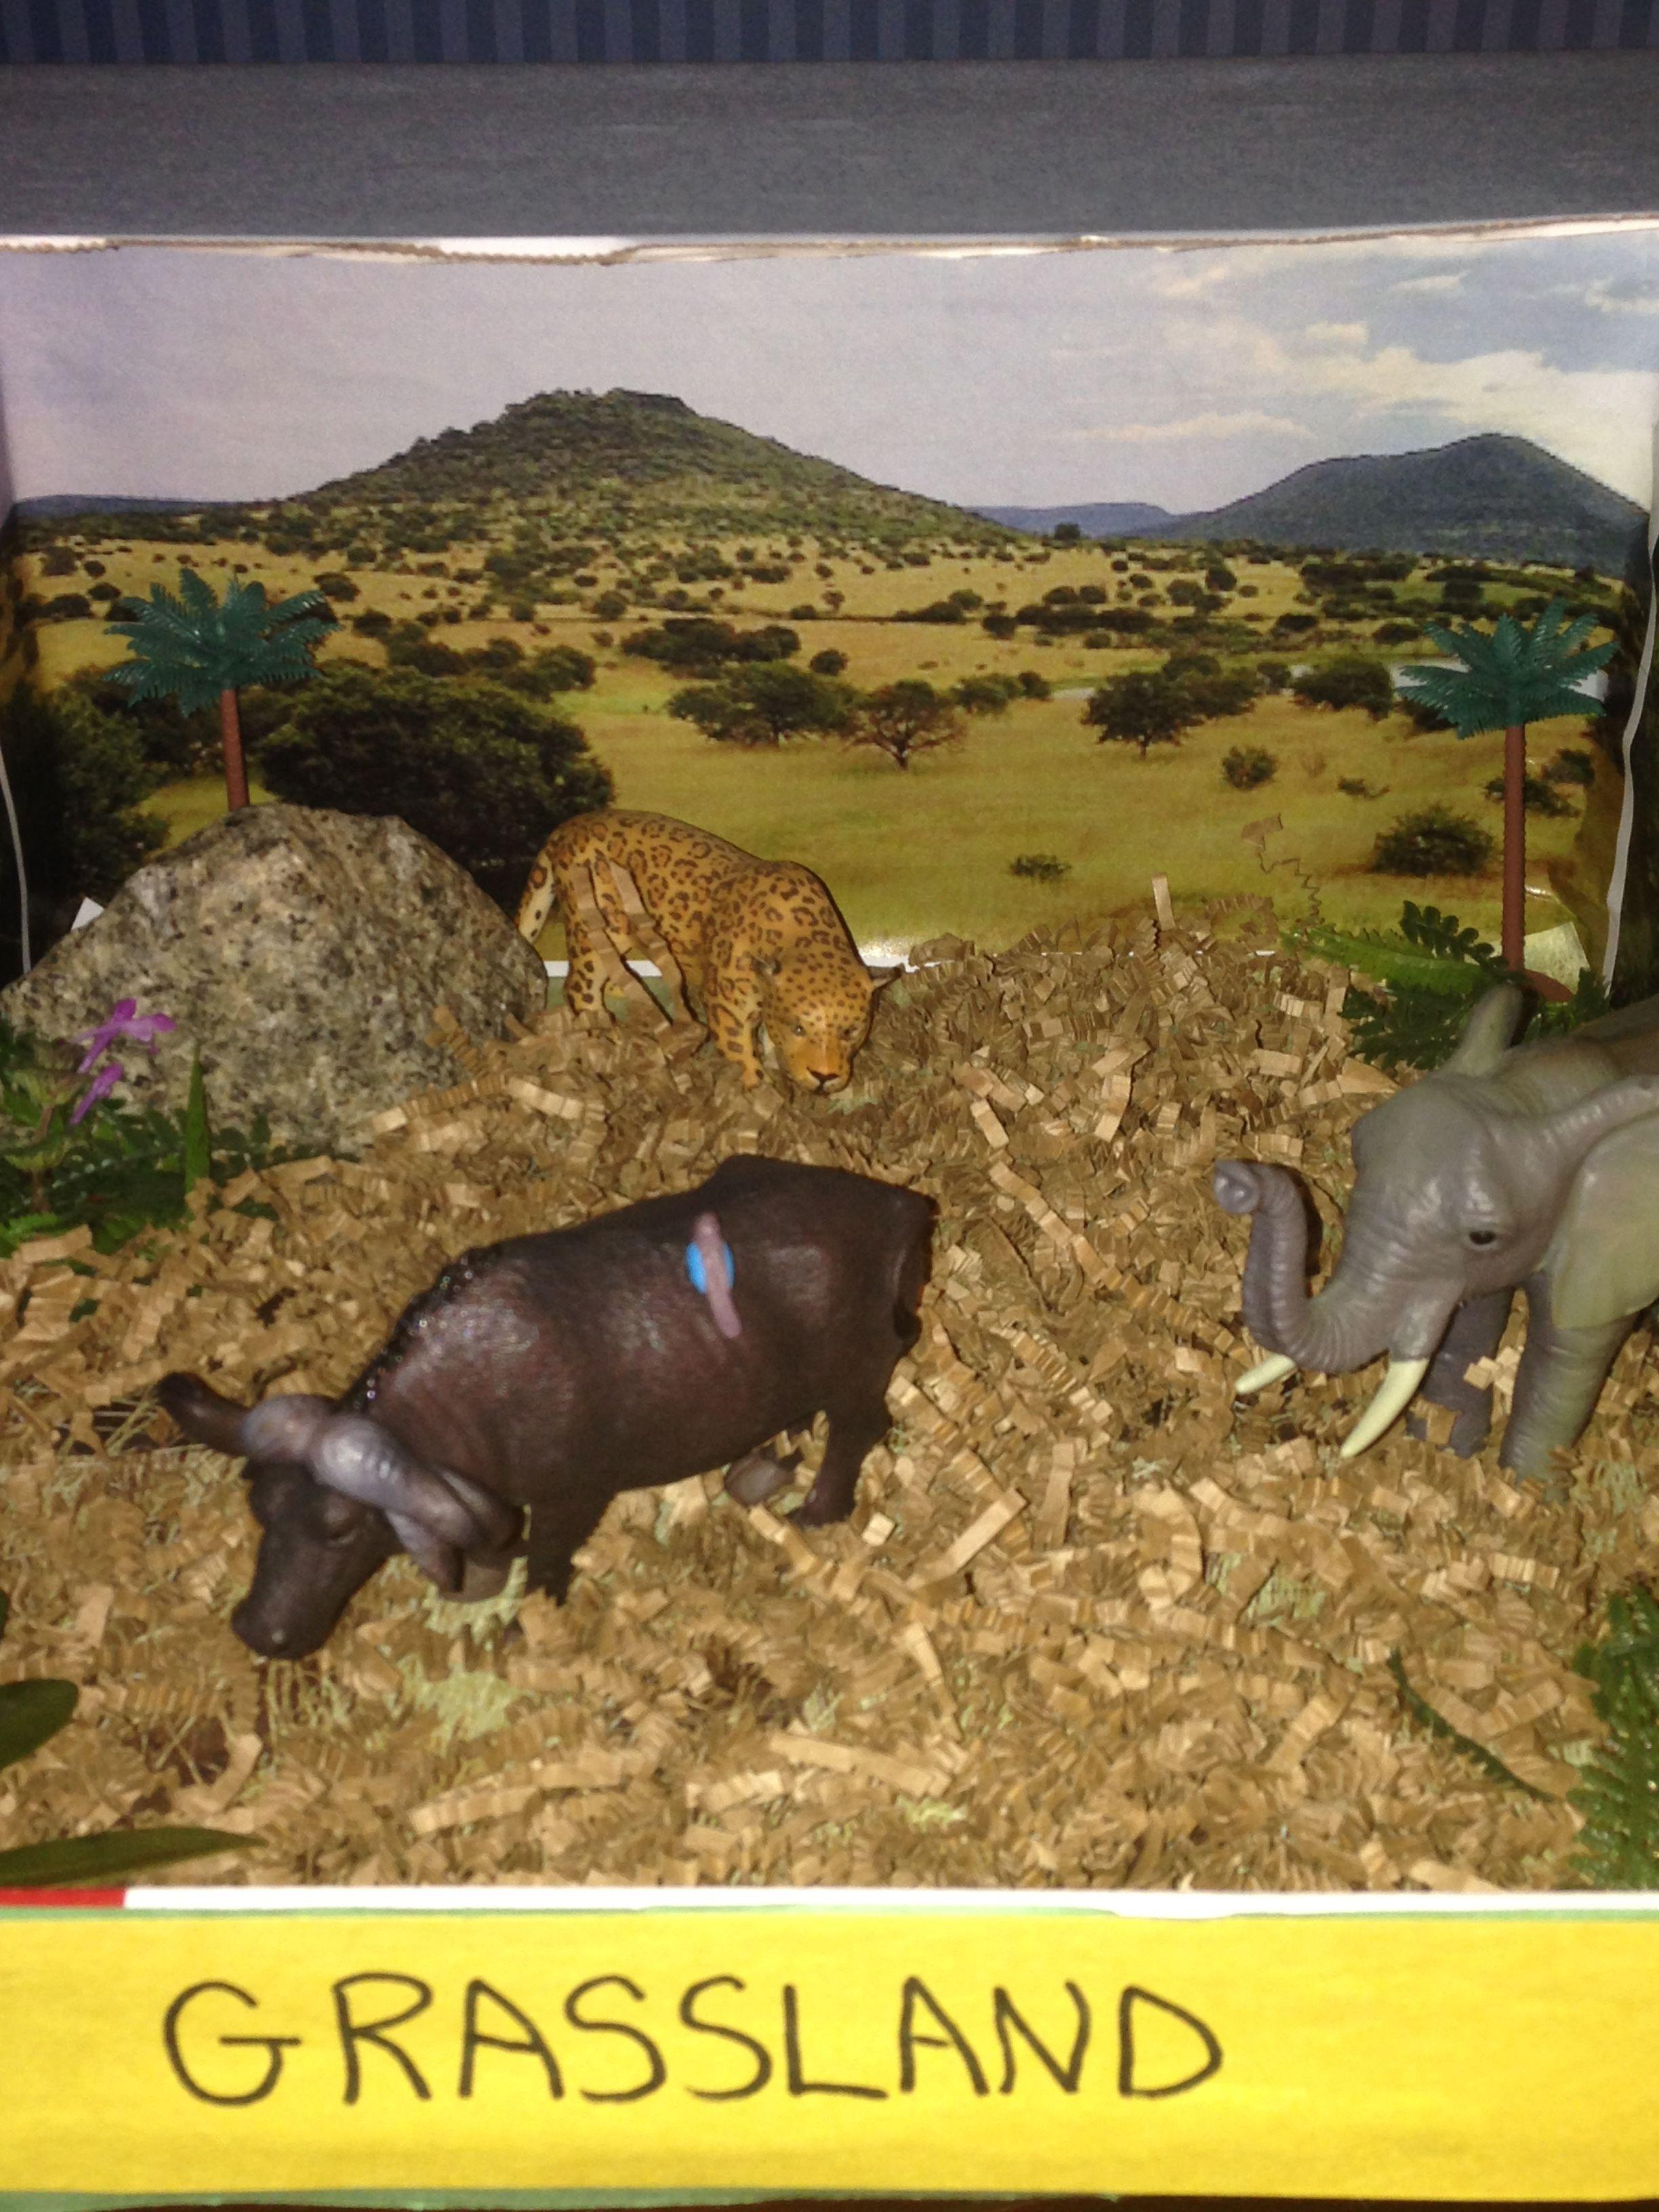 Grassland Biome Diorama